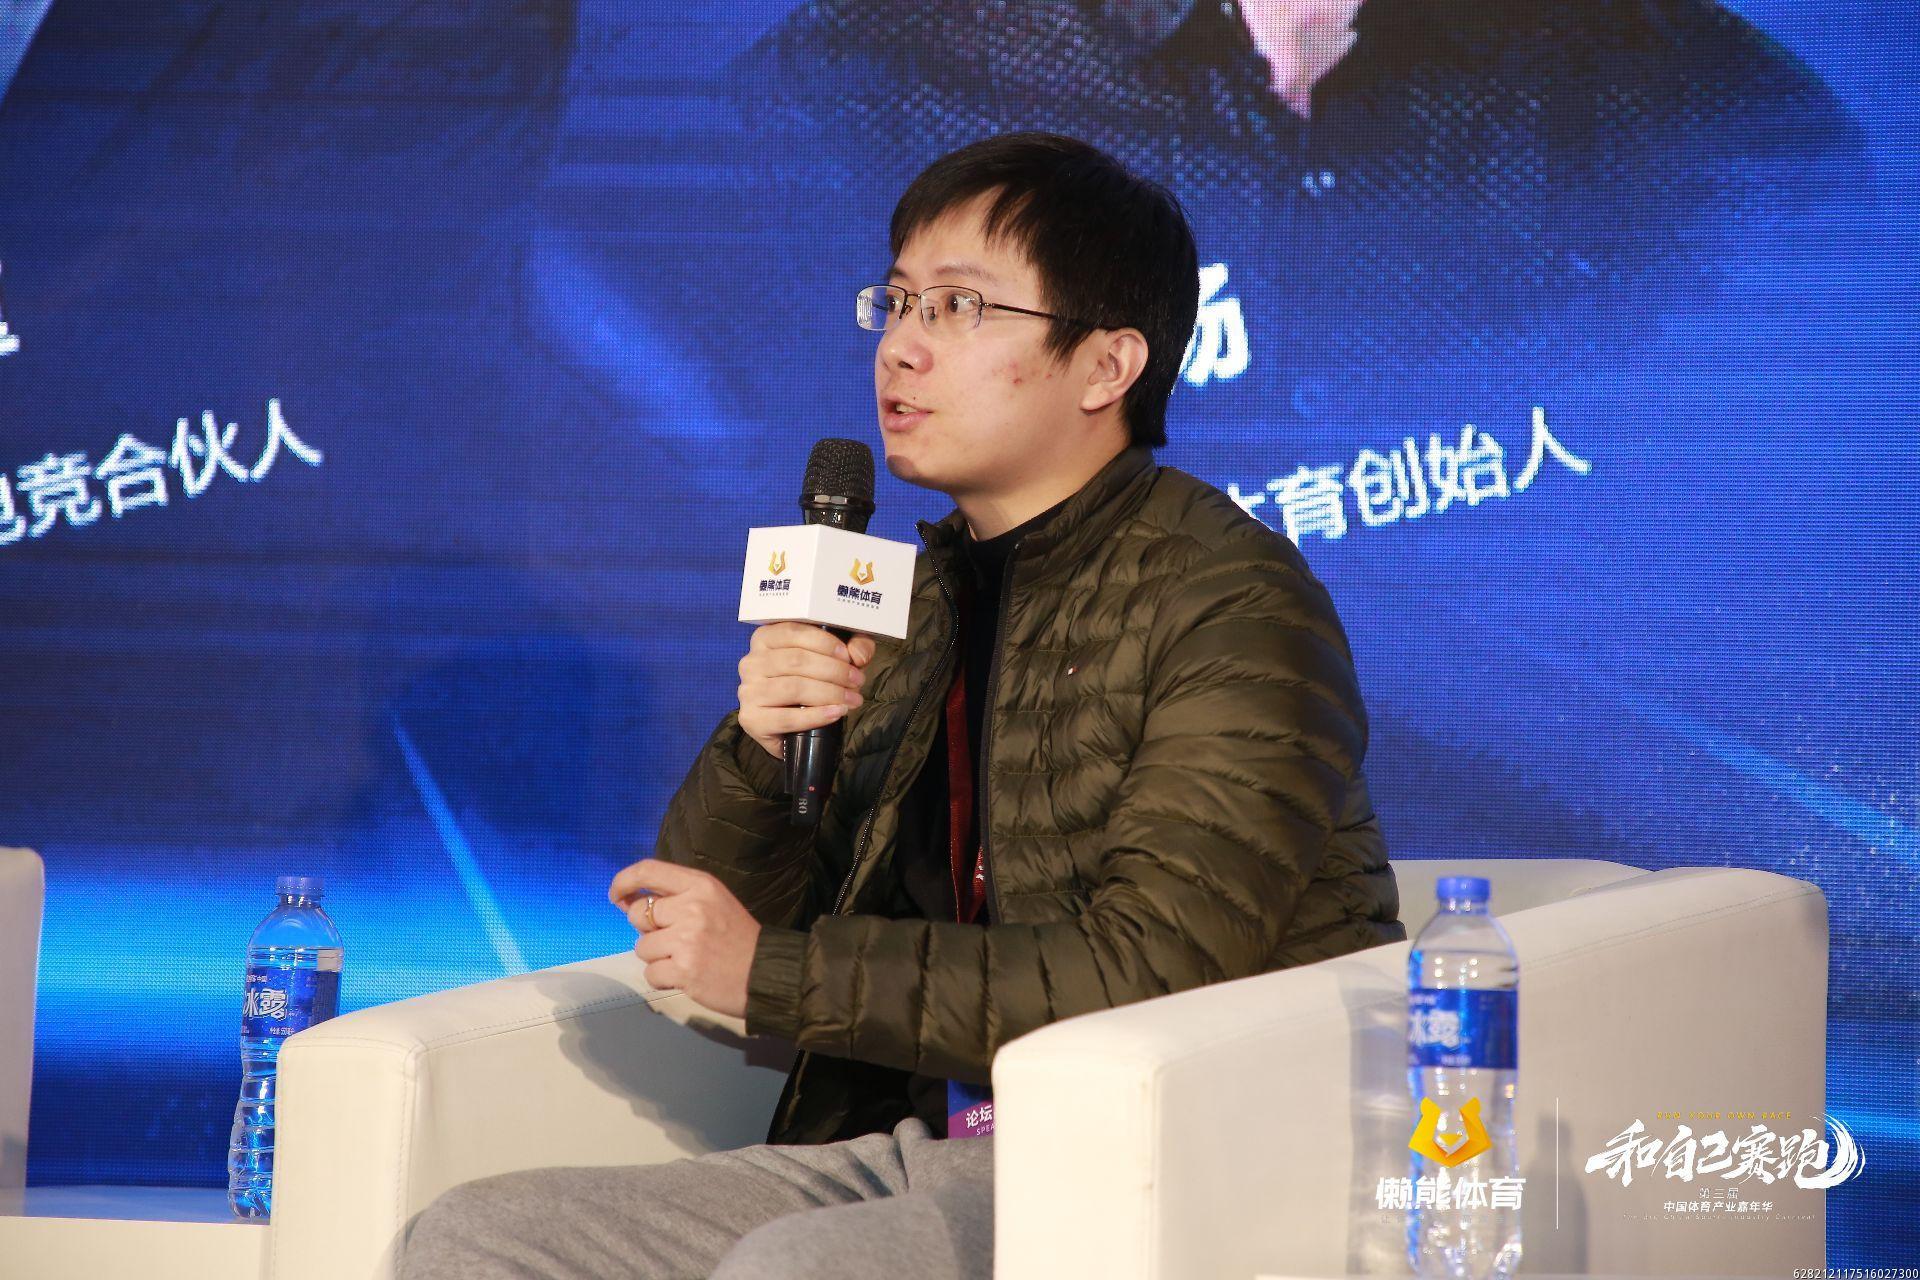 人人体育创始人章杨:电竞不够潮,需要更多品牌参与